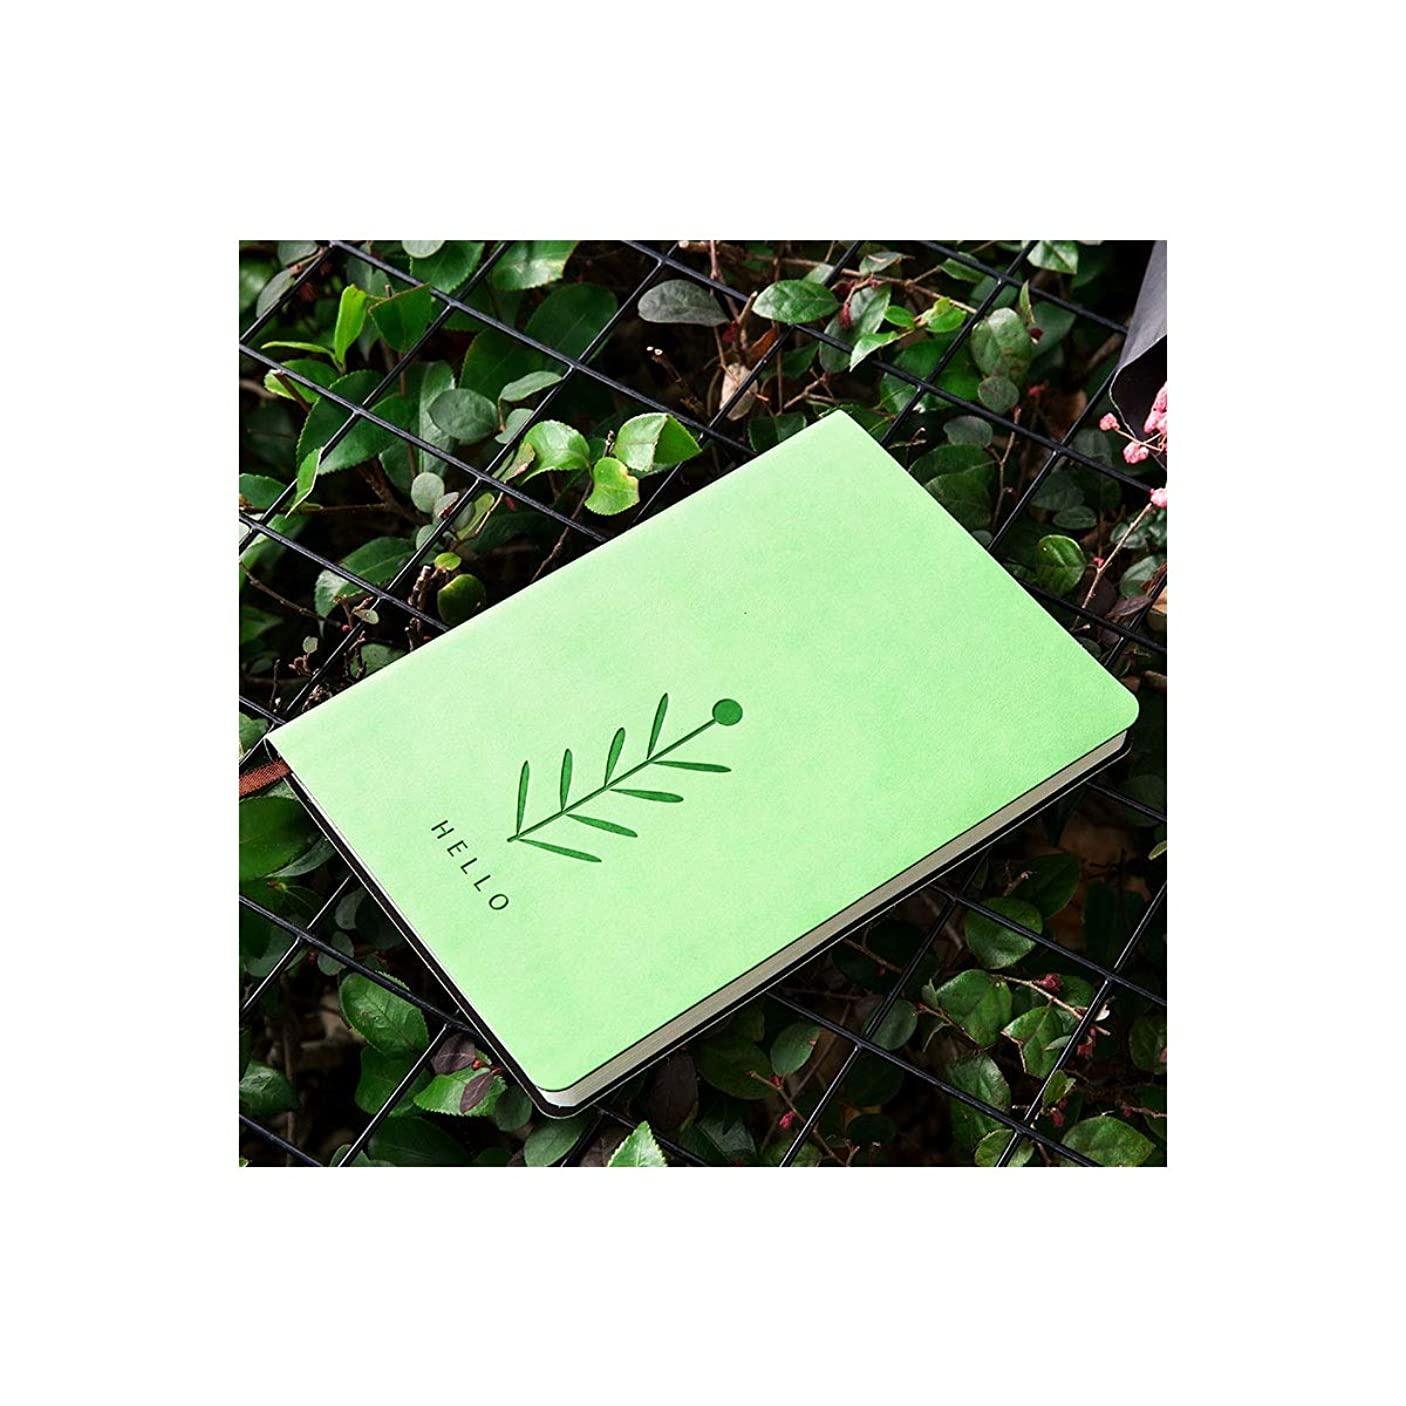 Kuqiqi ノートブックセット、ホリデーギフト、ノートブック、パーソナリティクリエイティブシンプルさ、日記、レトロな会議メモ帳、ソフトレザーノートブック、茶色、赤、青、緑、黒 高品質の製品 8 (Color : ピンク)